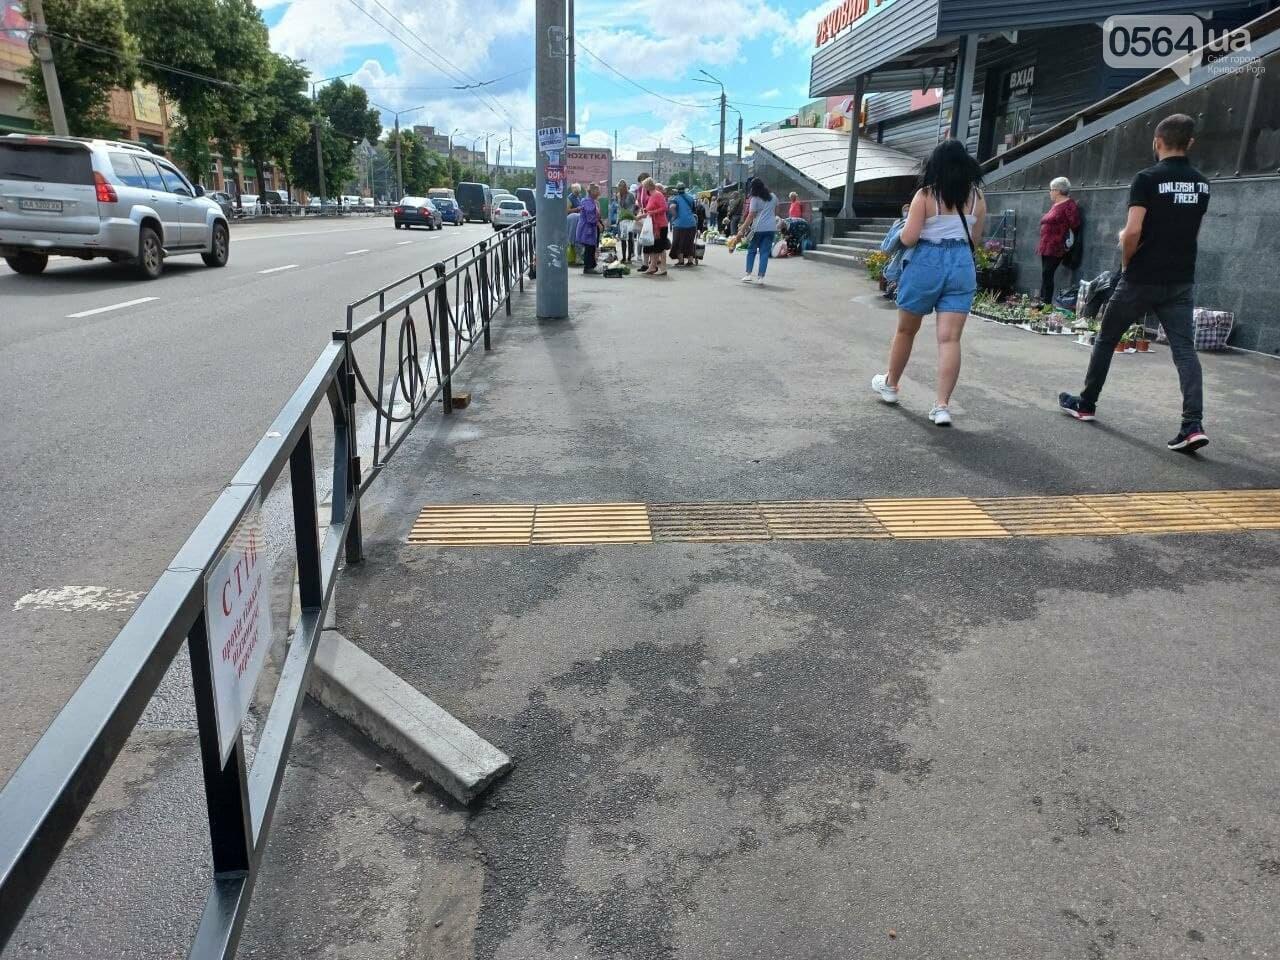 Возле Центрального рынка в Кривом Роге закрыли наземный переход и открыли подземный, - ФОТО, фото-7